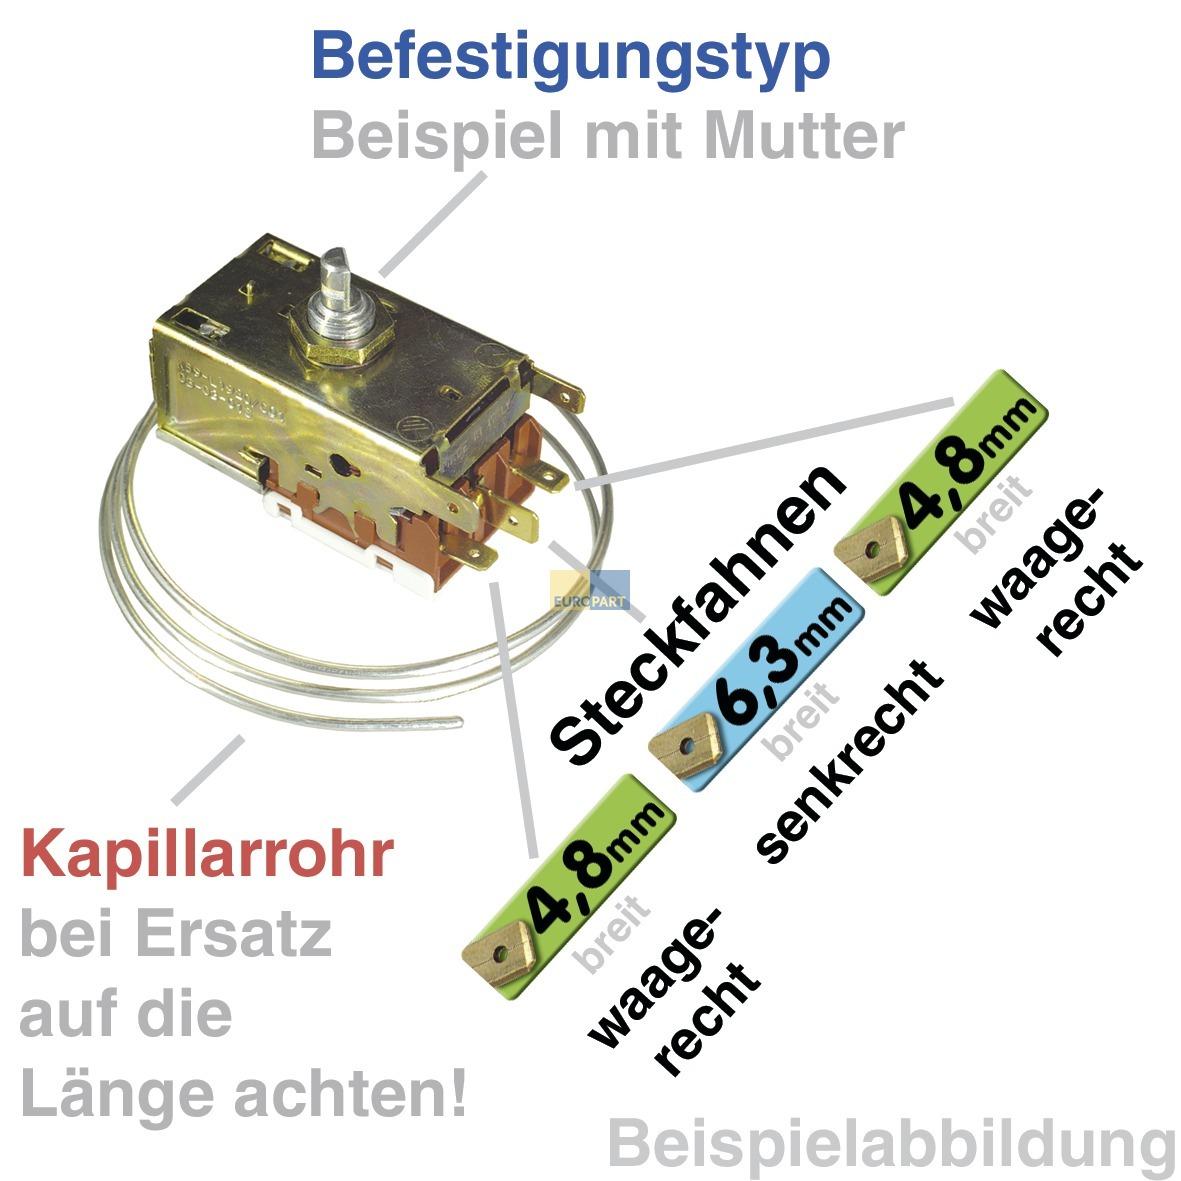 Thermostat 077B7006 Danfoss Nr.6 2300mm Kapillarrohr 3x6,3mm AMP Danfoss Service